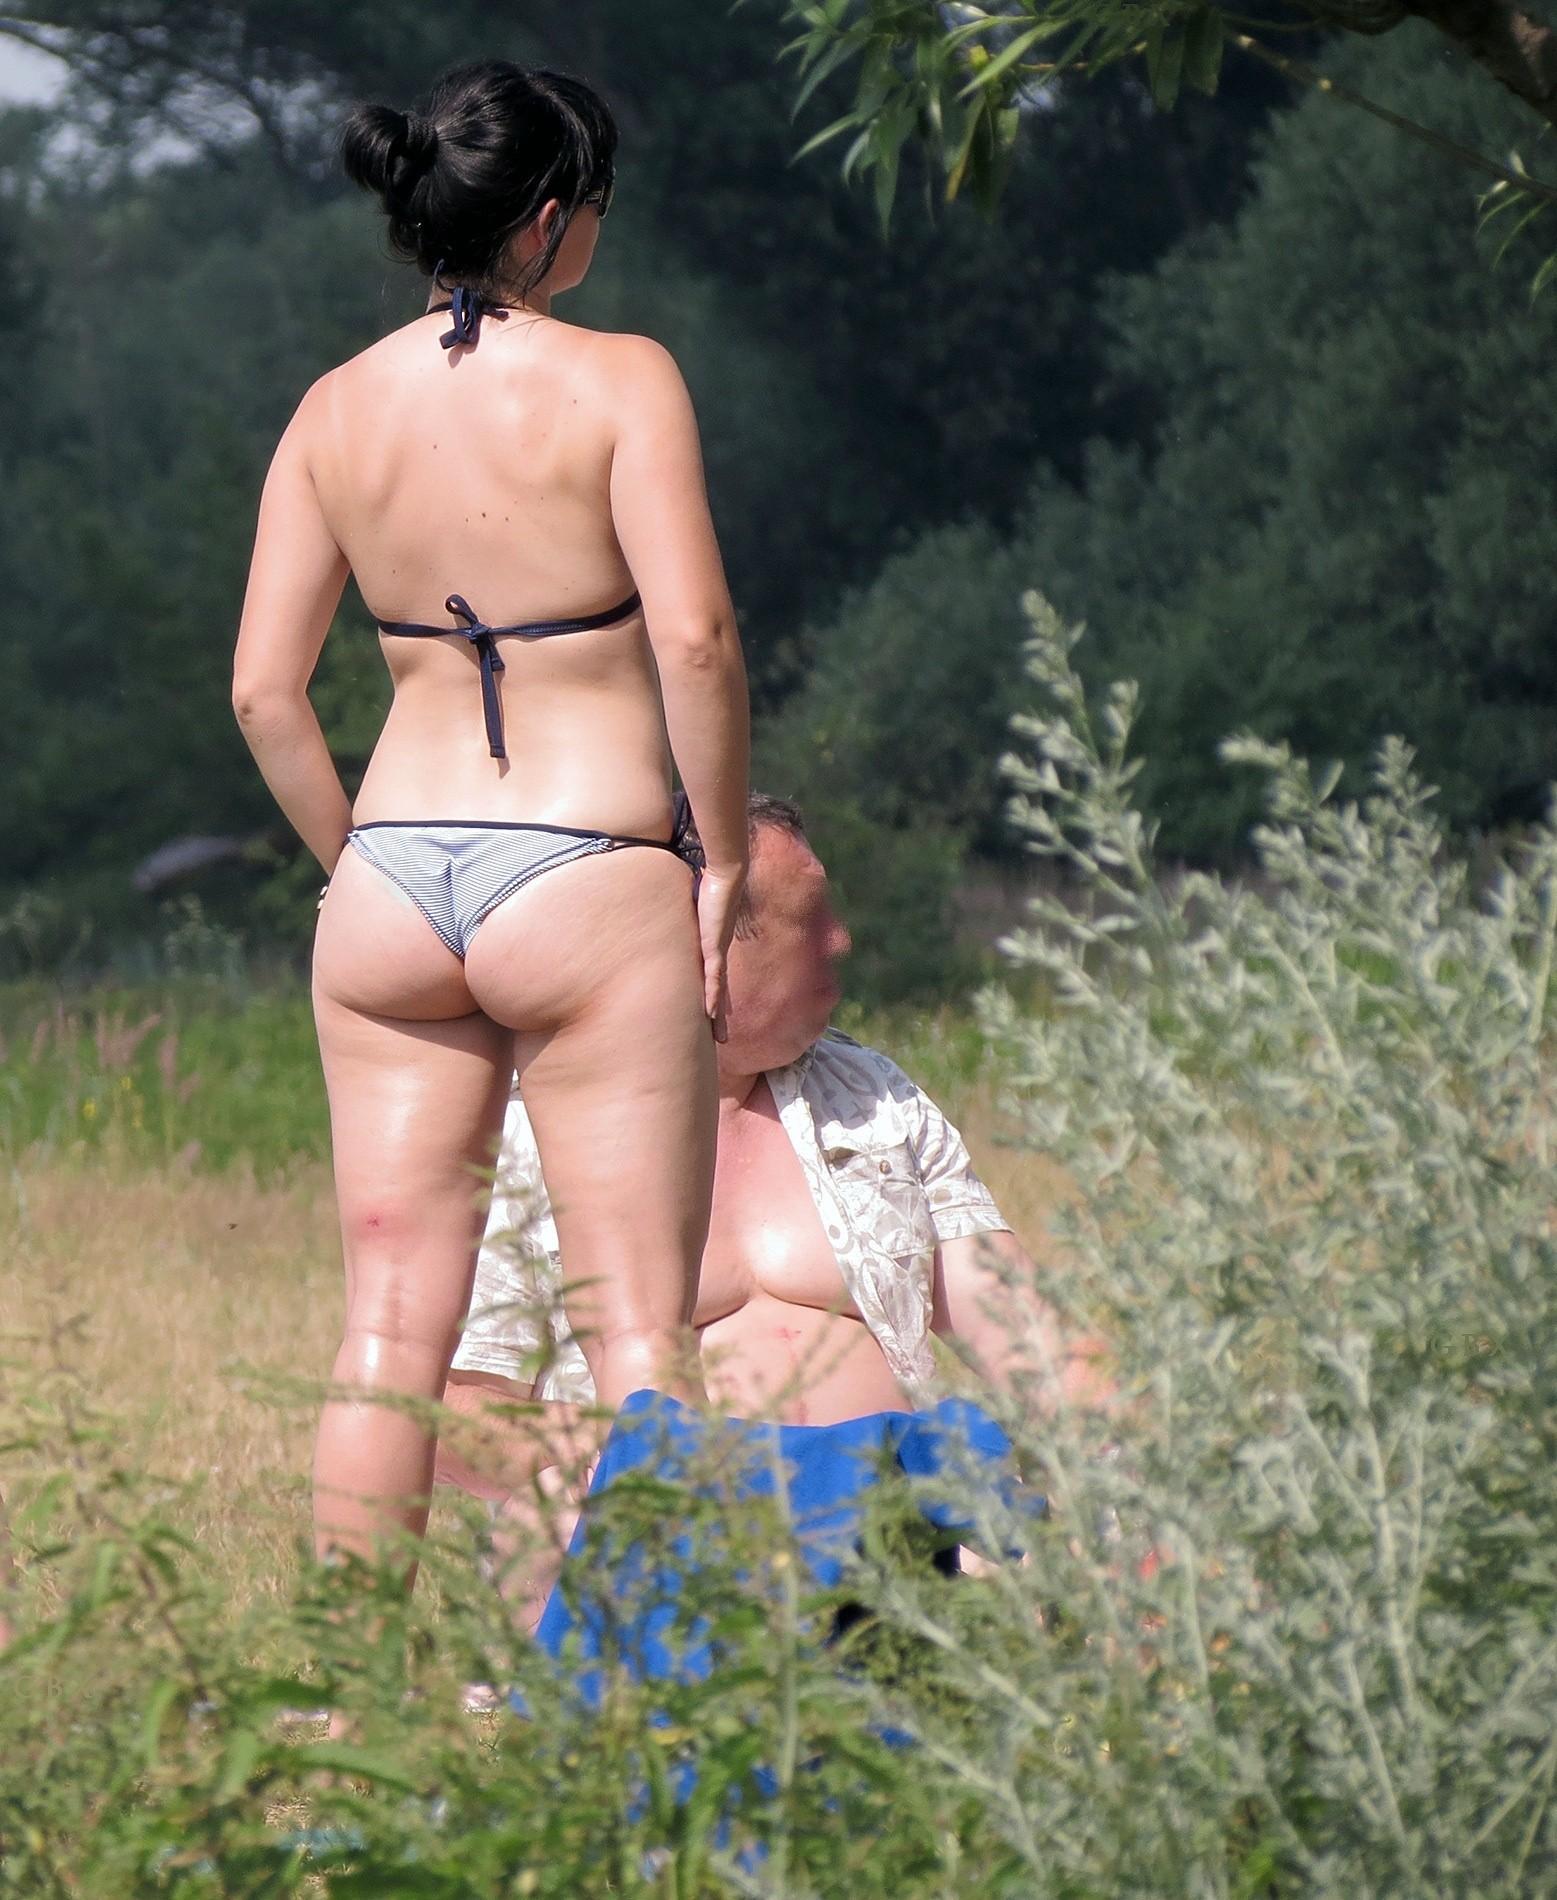 Задницы женщин в бикини - компиляция 25